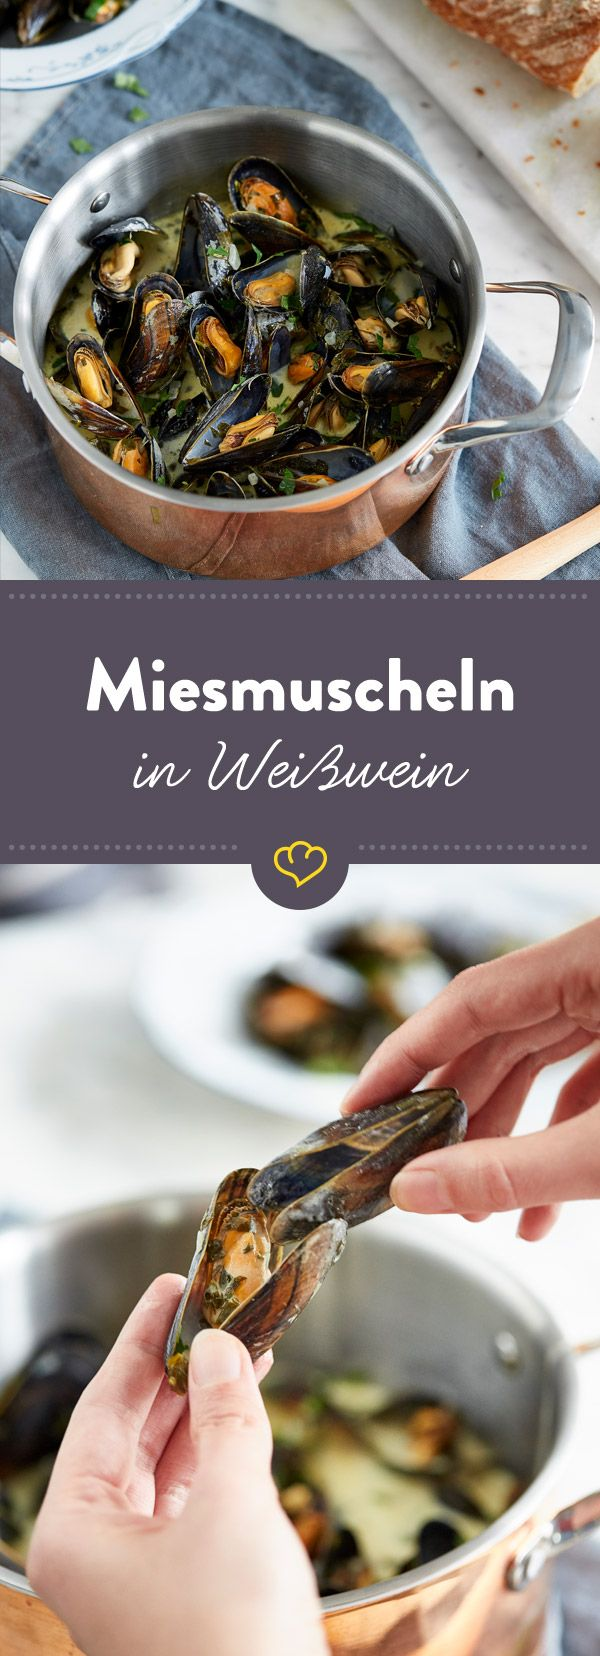 Aromatische Miesmuscheln und ein gutes Baguette, um die leckere Weißweinsauce aufzutunken: Mehr braucht es nicht für einen ganz besonderen Feierabend.